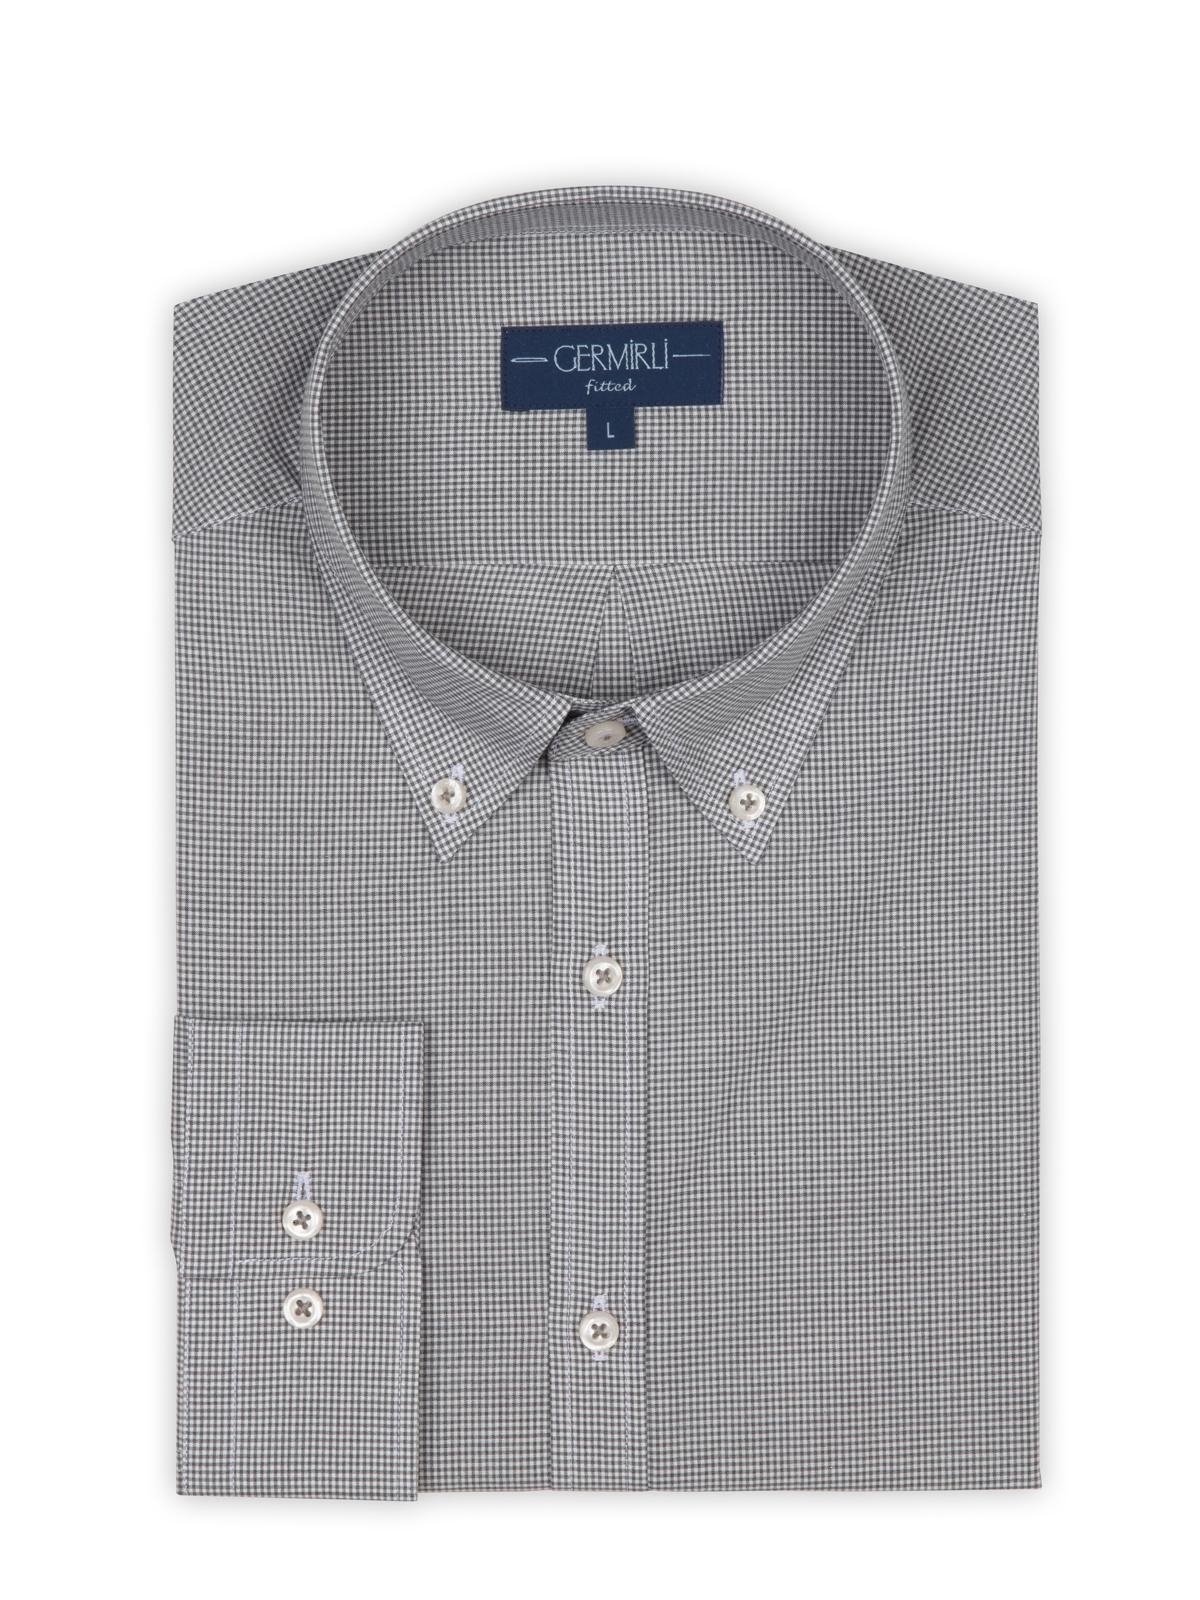 Germirli Gri Kareli Düğmeli Yaka Tailor Fit Vual Gömlek